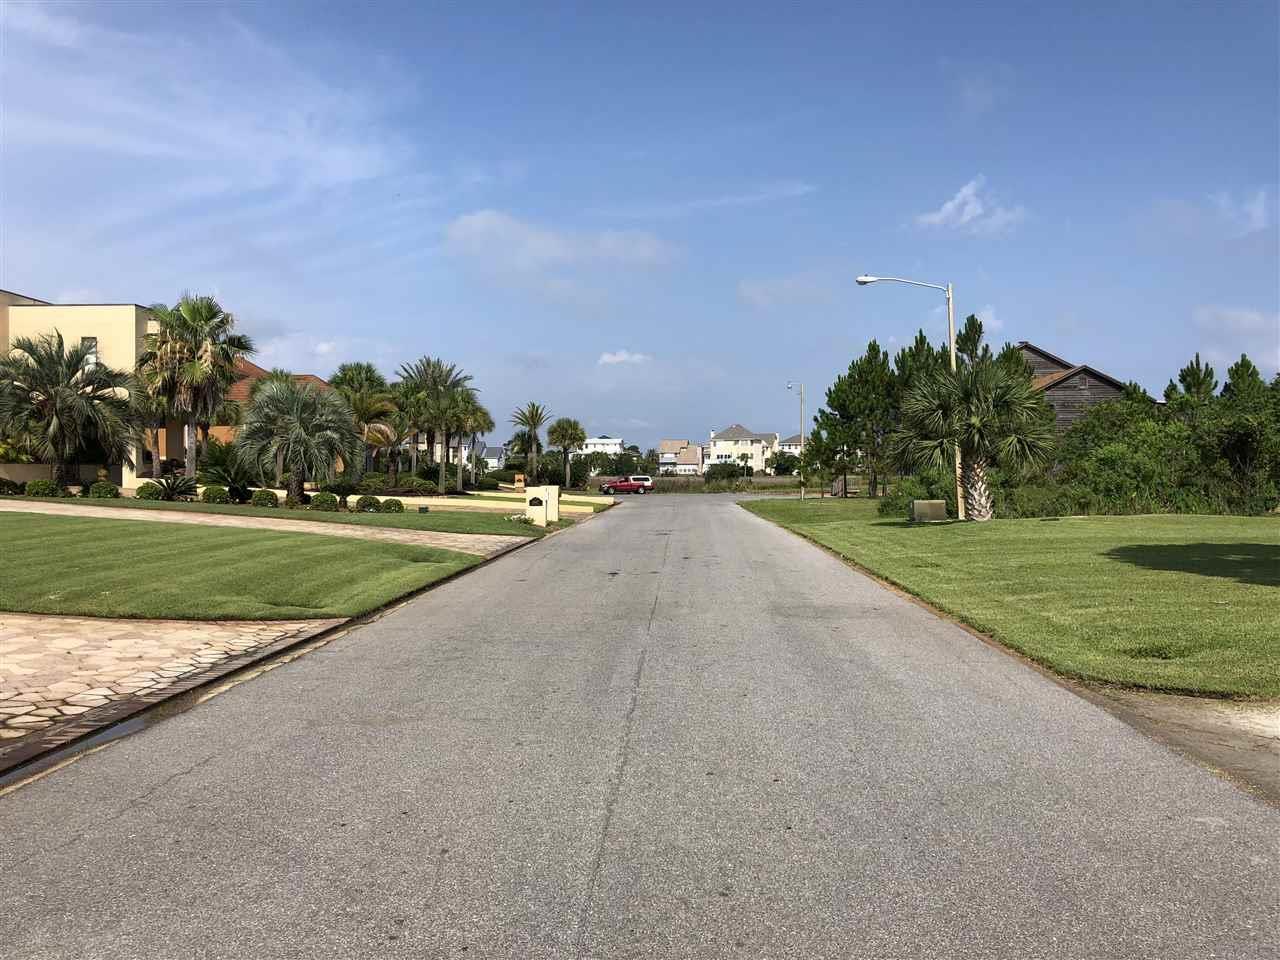 Lot 7 W Madura Rd, Gulf Breeze, FL 32563